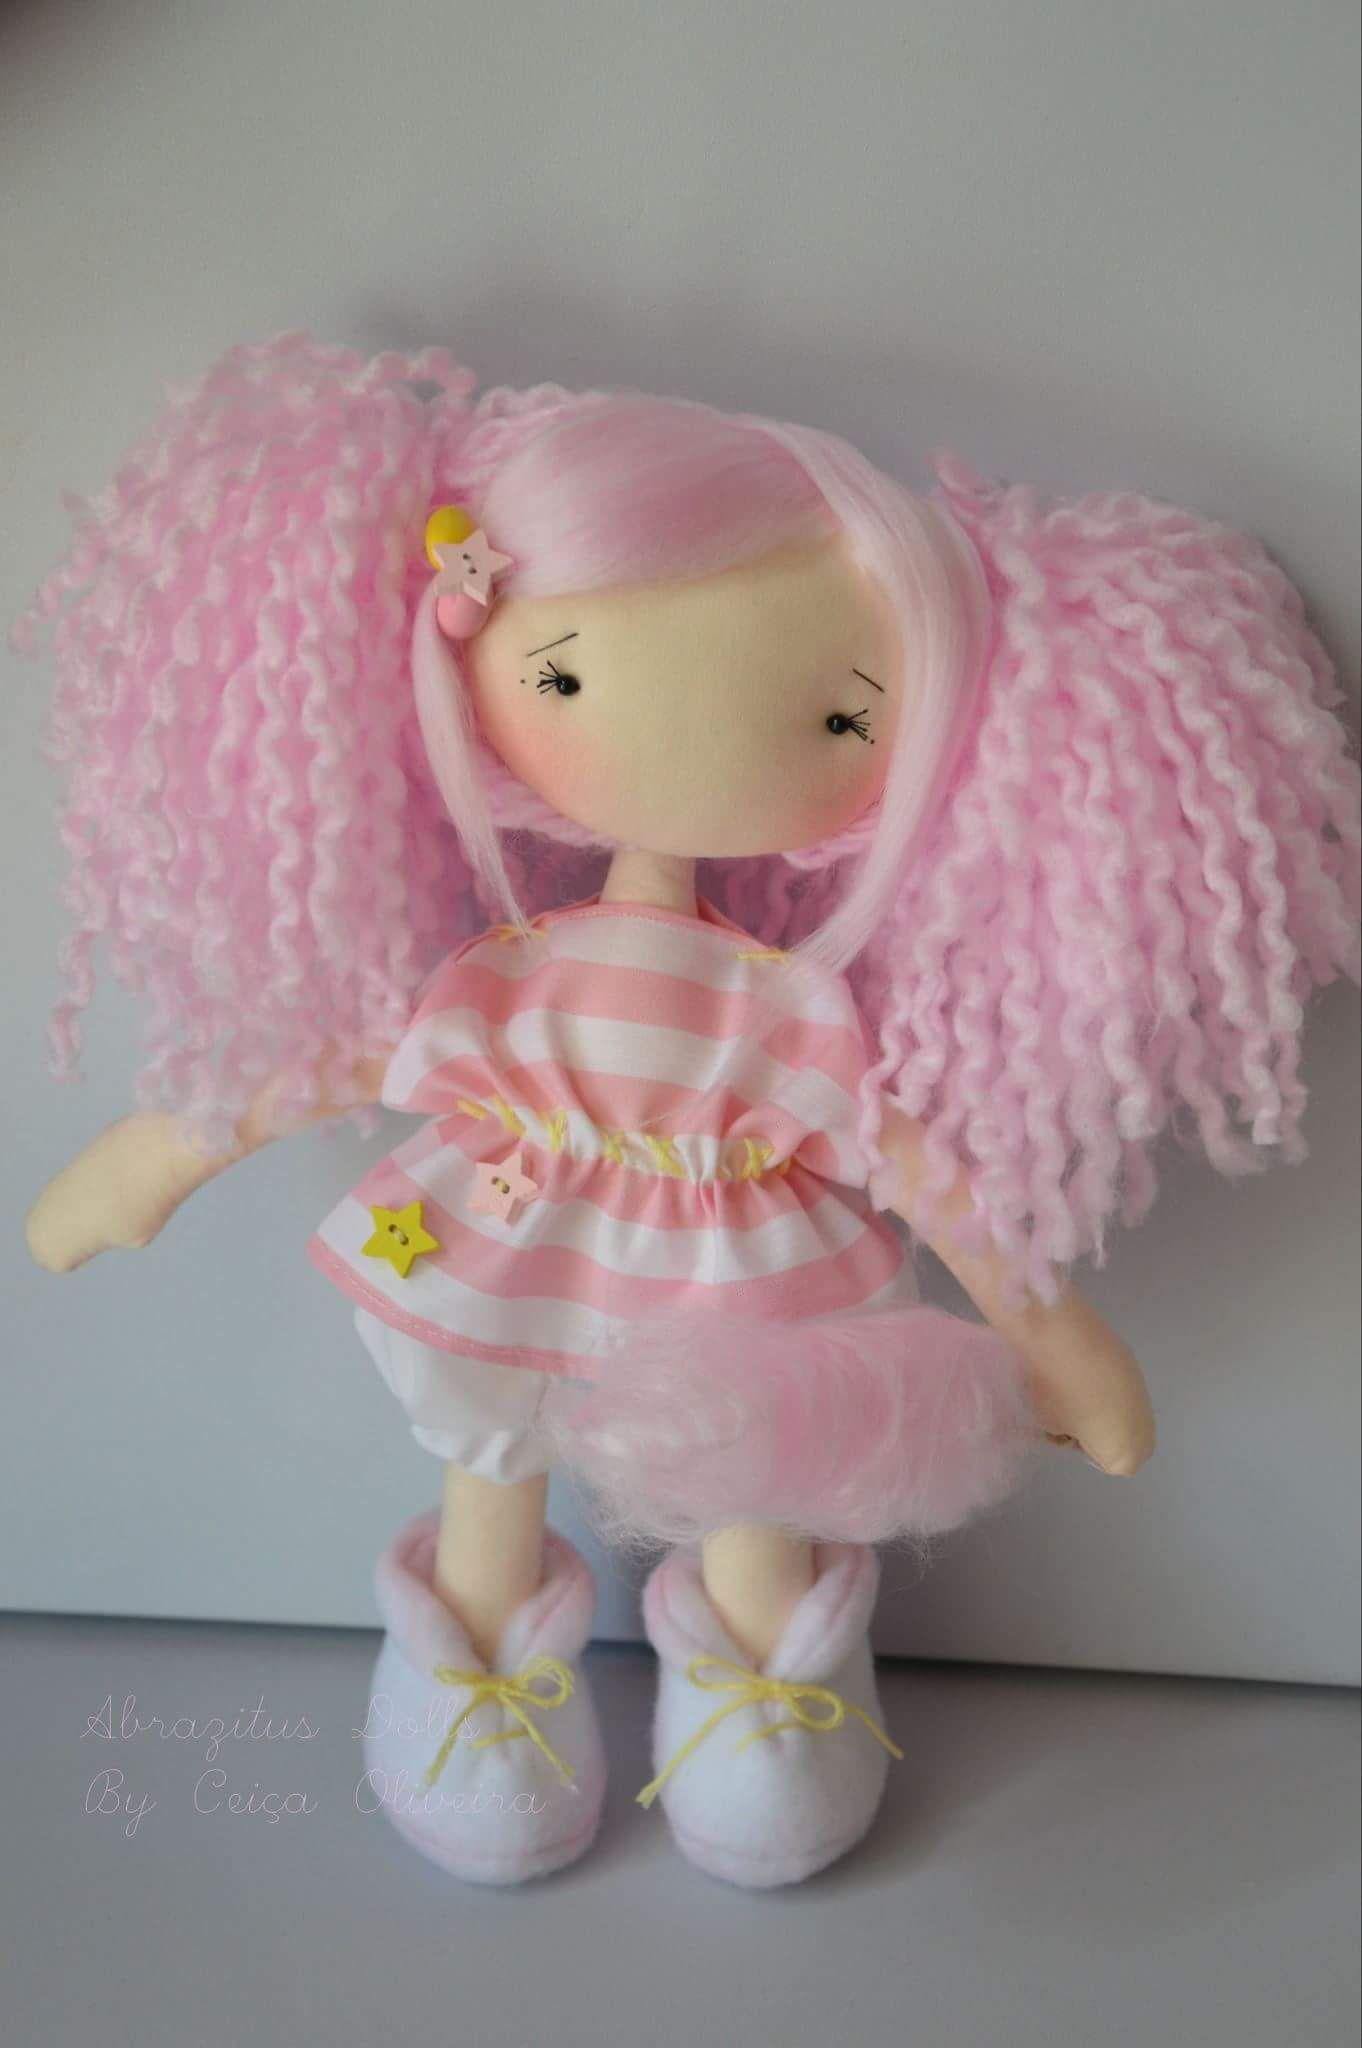 Boneca rosa de abrazitus dolls